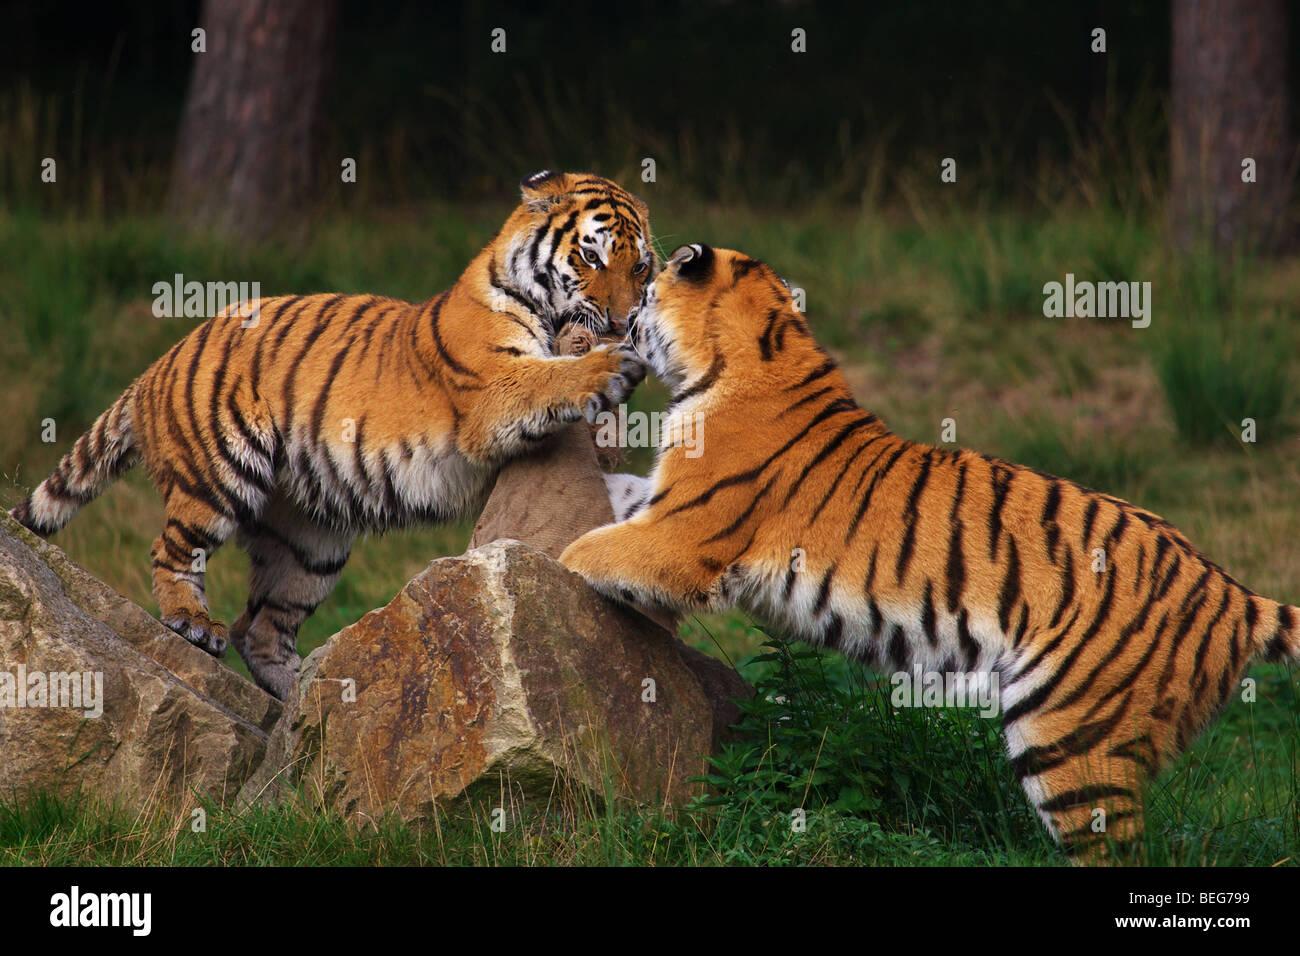 Due giocando le tigri siberiane davanti a una foresta scura Immagini Stock